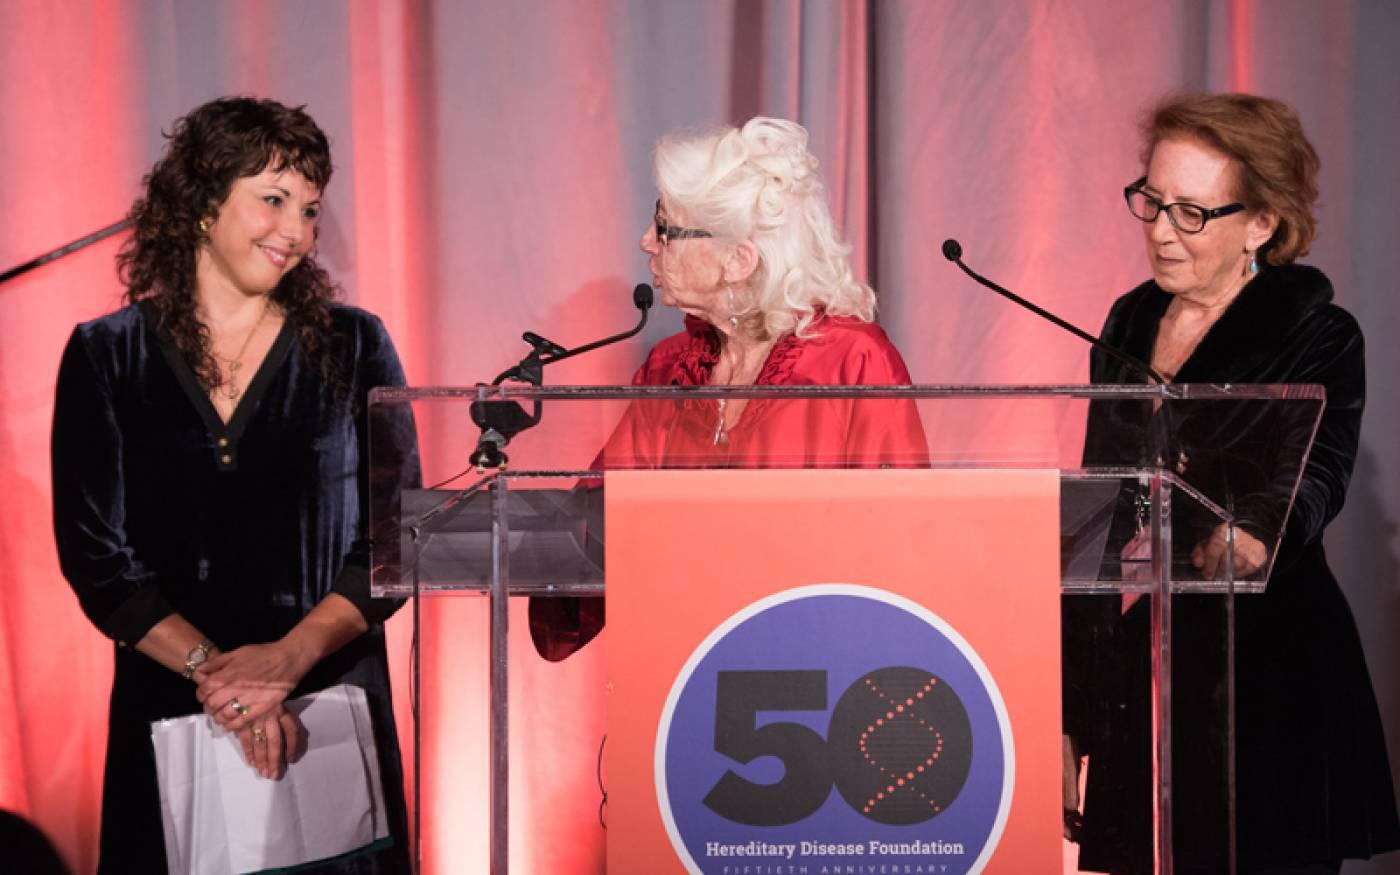 Sarah Tabrizi, Nancy Wexler, Alice Wexler